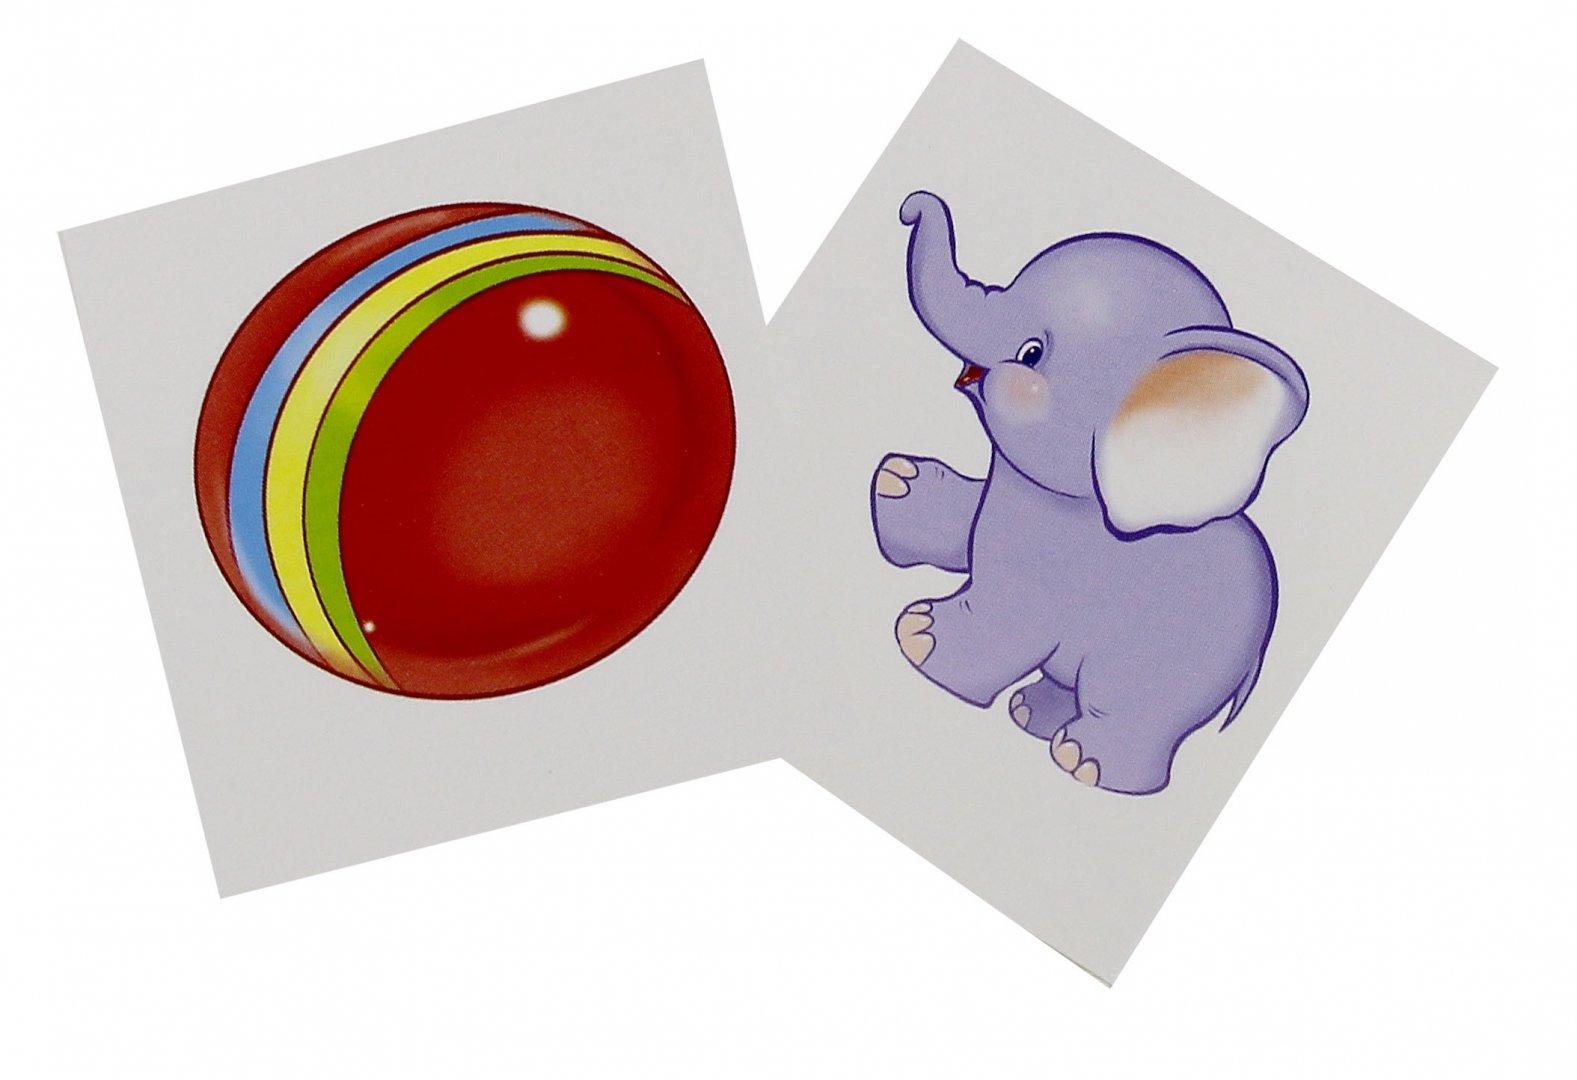 хочешь картинки мишки раздаточный материал меняются, появляются новые